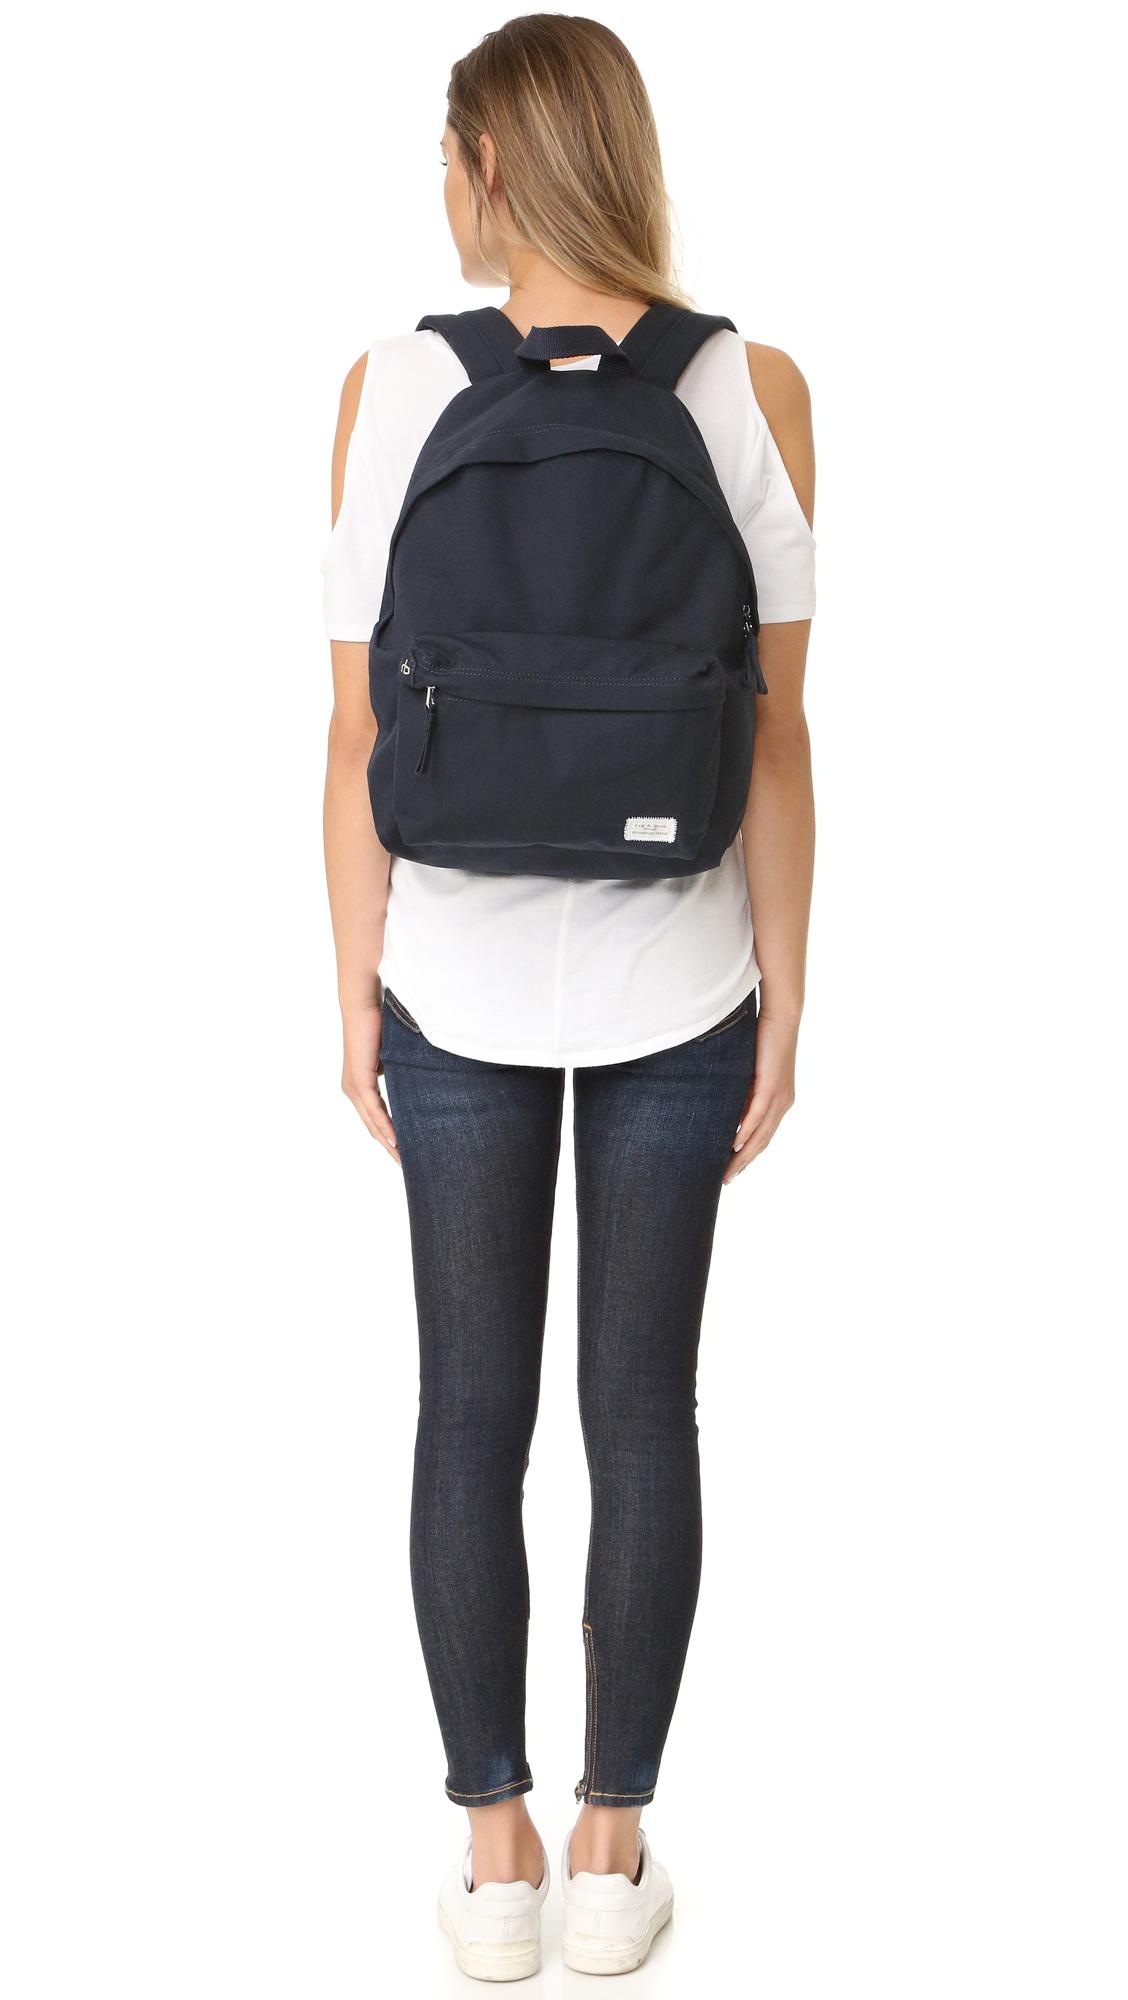 Rag Bone Standard Backpack Shopbop Tendencies Back Pack Arcus Navy